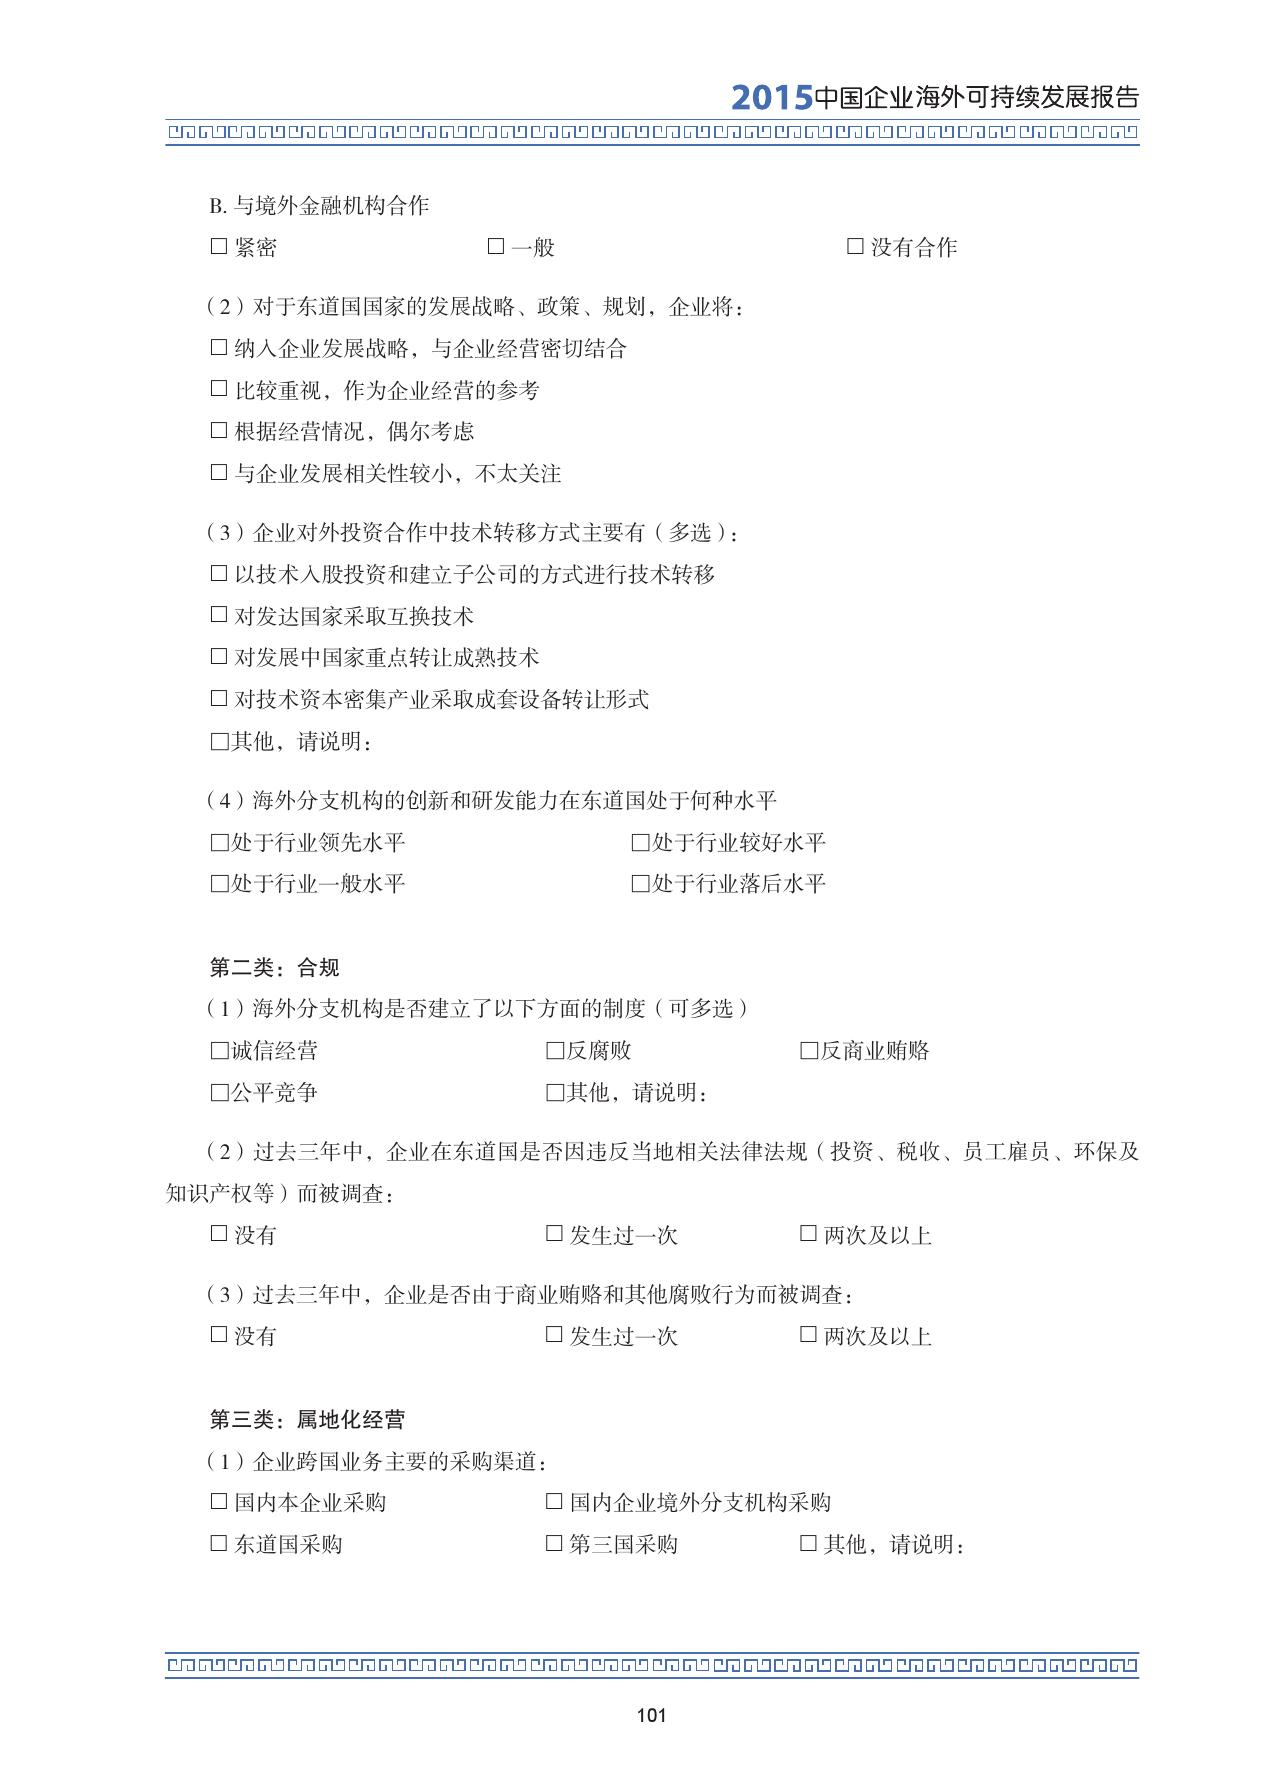 2015中国企业海外可持续发展报告_000115